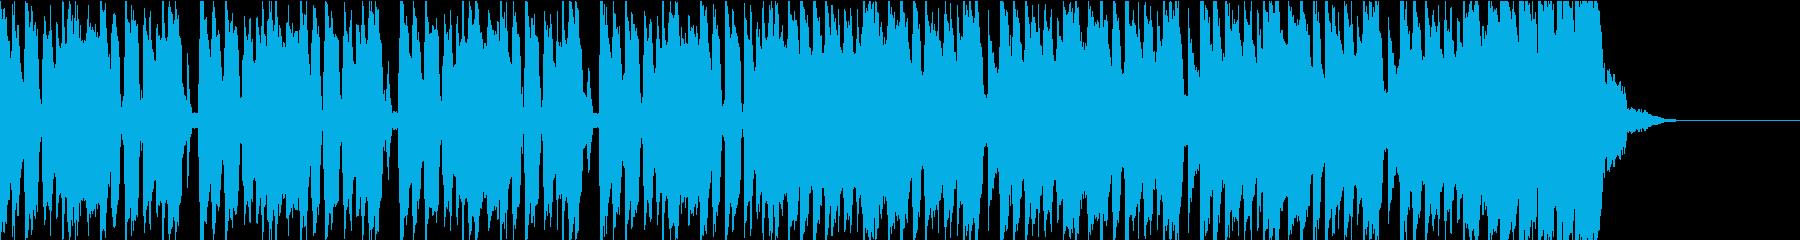 尾行を撒くシーンにあうBGM_2の再生済みの波形